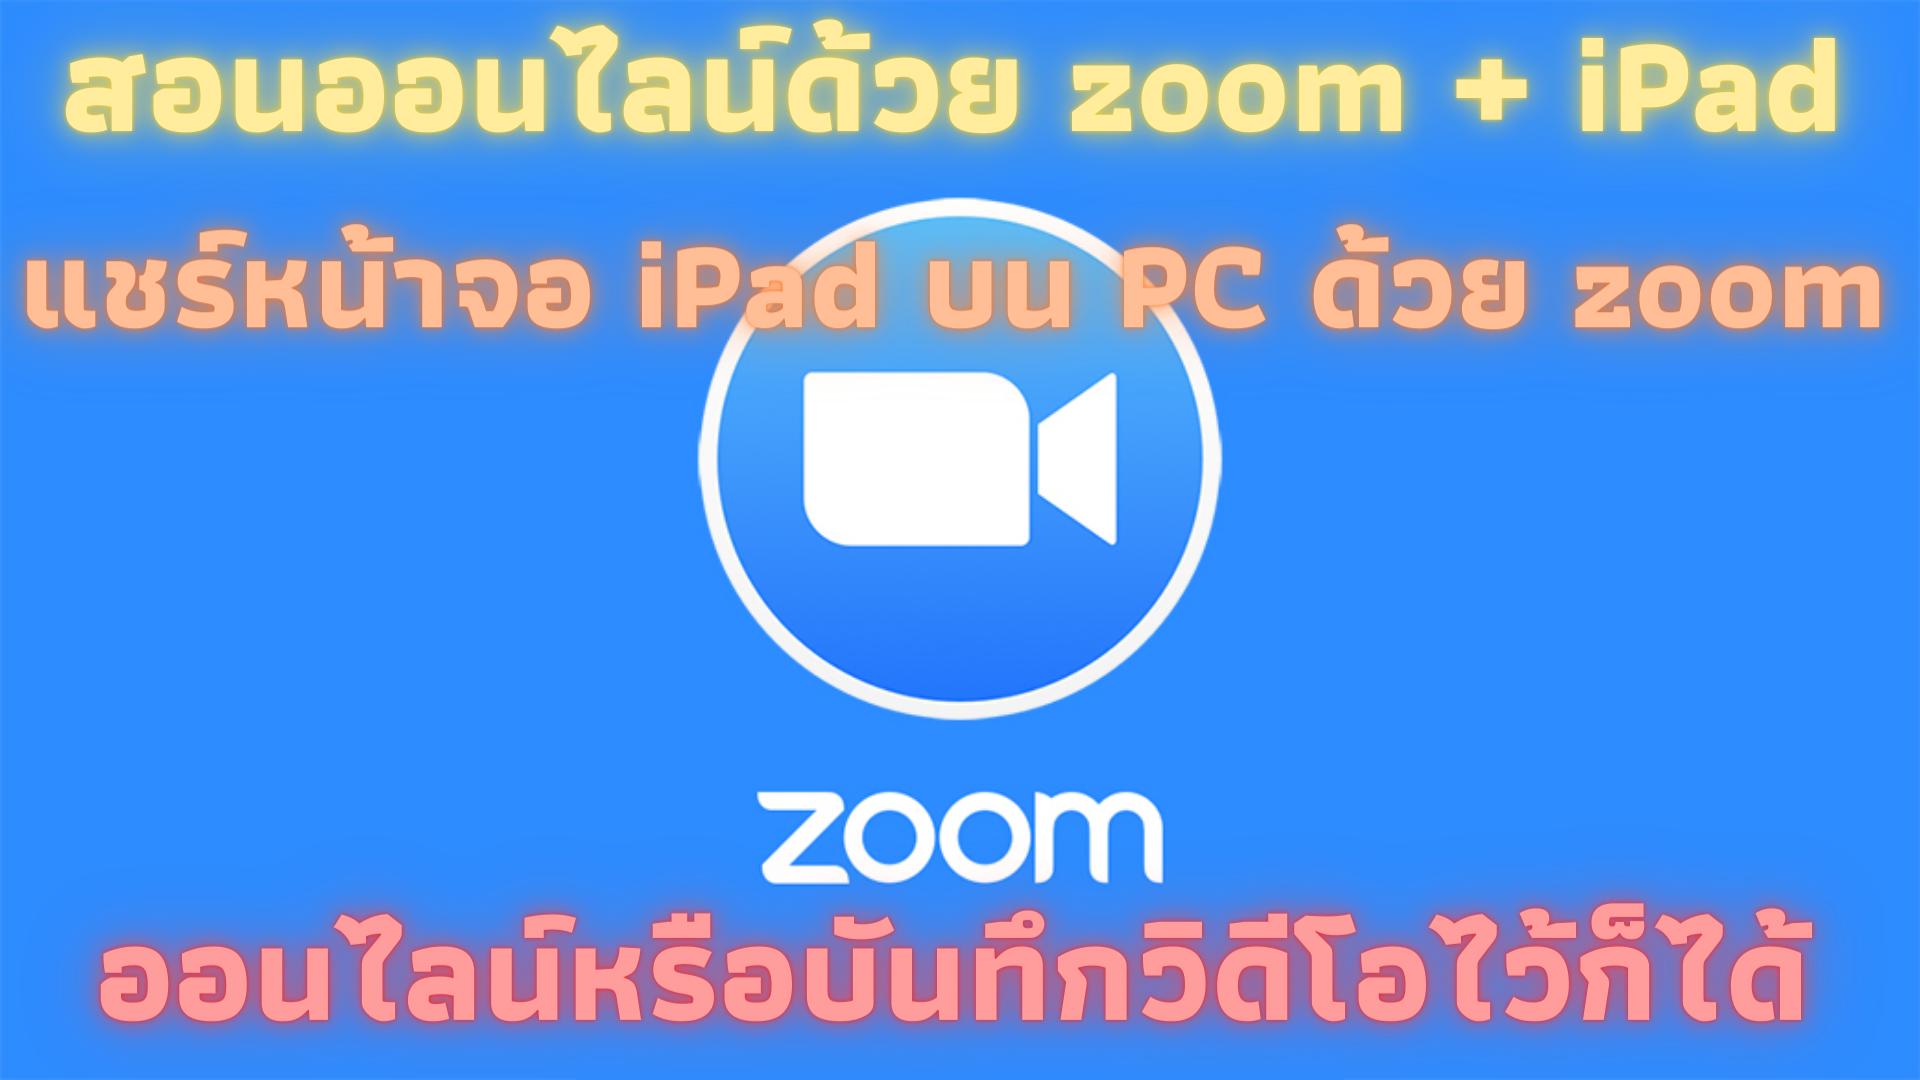 แชร์หน้าจอ iPad ขึ้นบน PC ด้วย zoom พร้อมเทคนิคการสอนออนไลน์ด้วย zoom + iPad